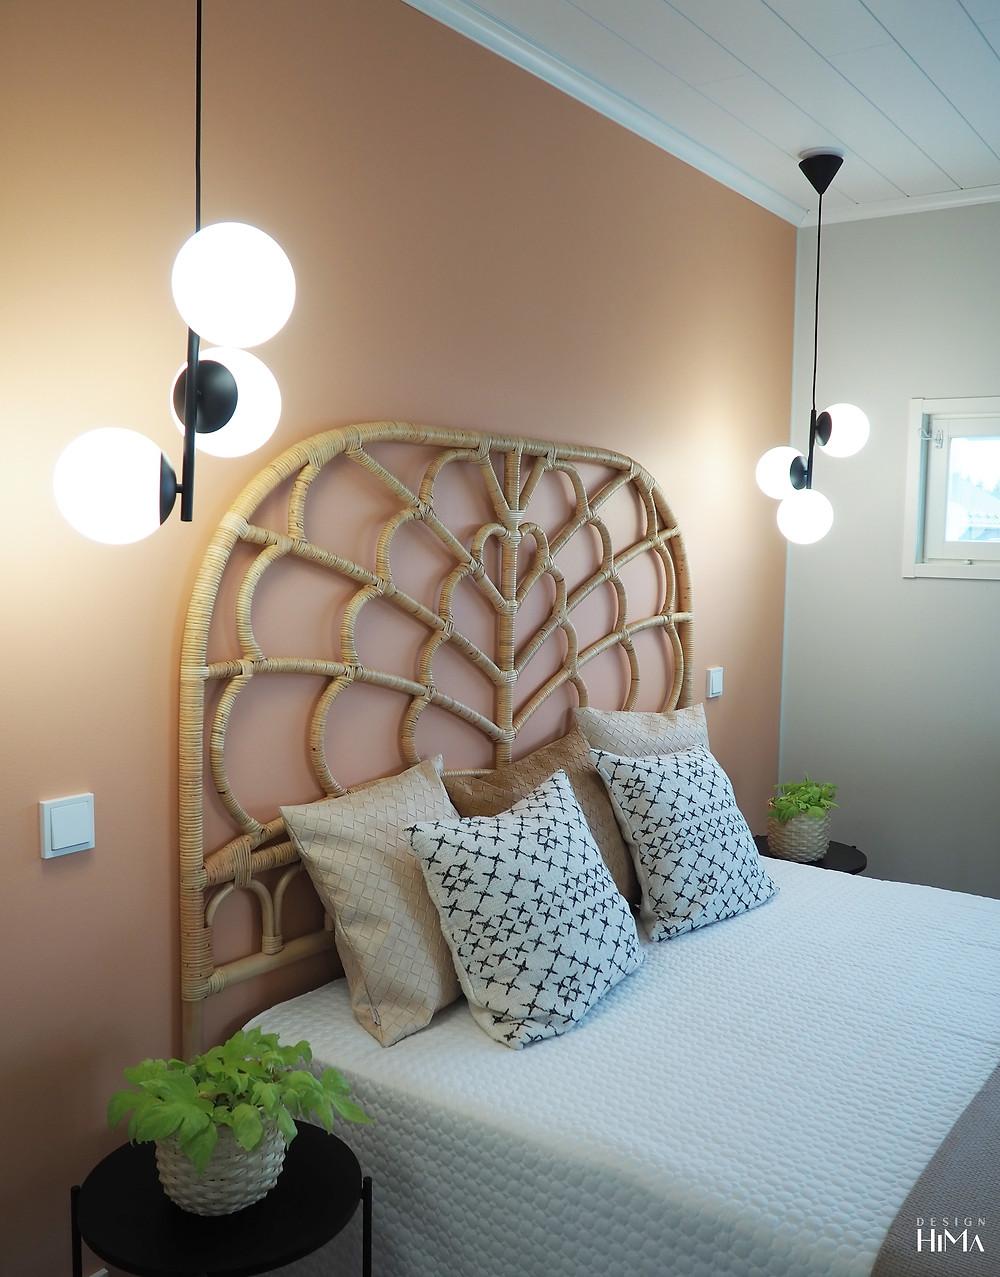 Kultakoivu makuuhuone